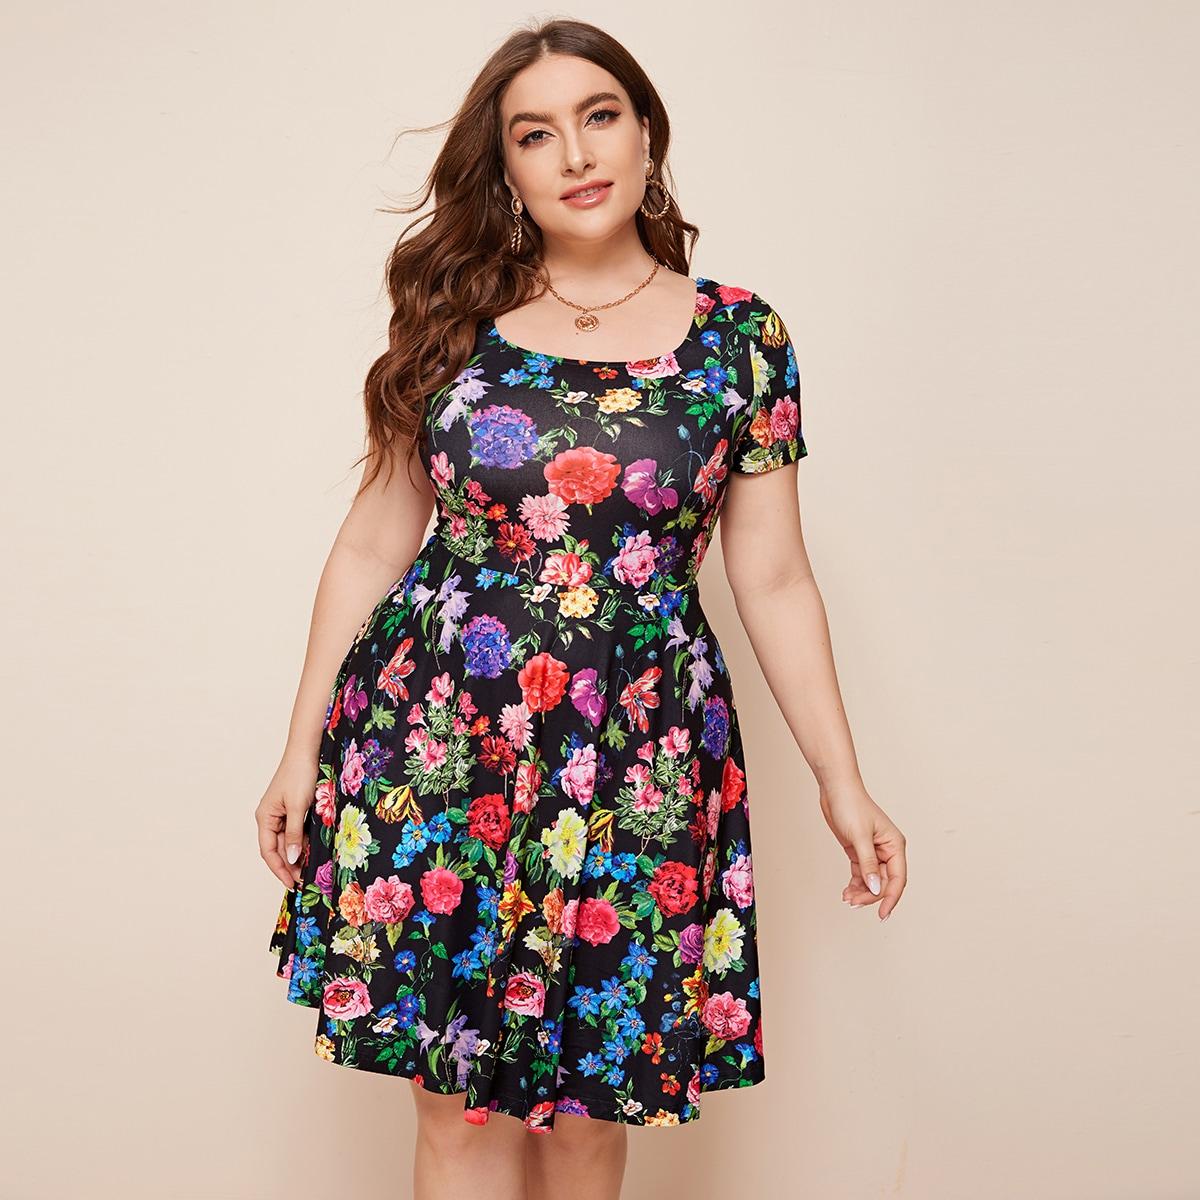 Расклешенное платье размера плюс с цветочным принтом